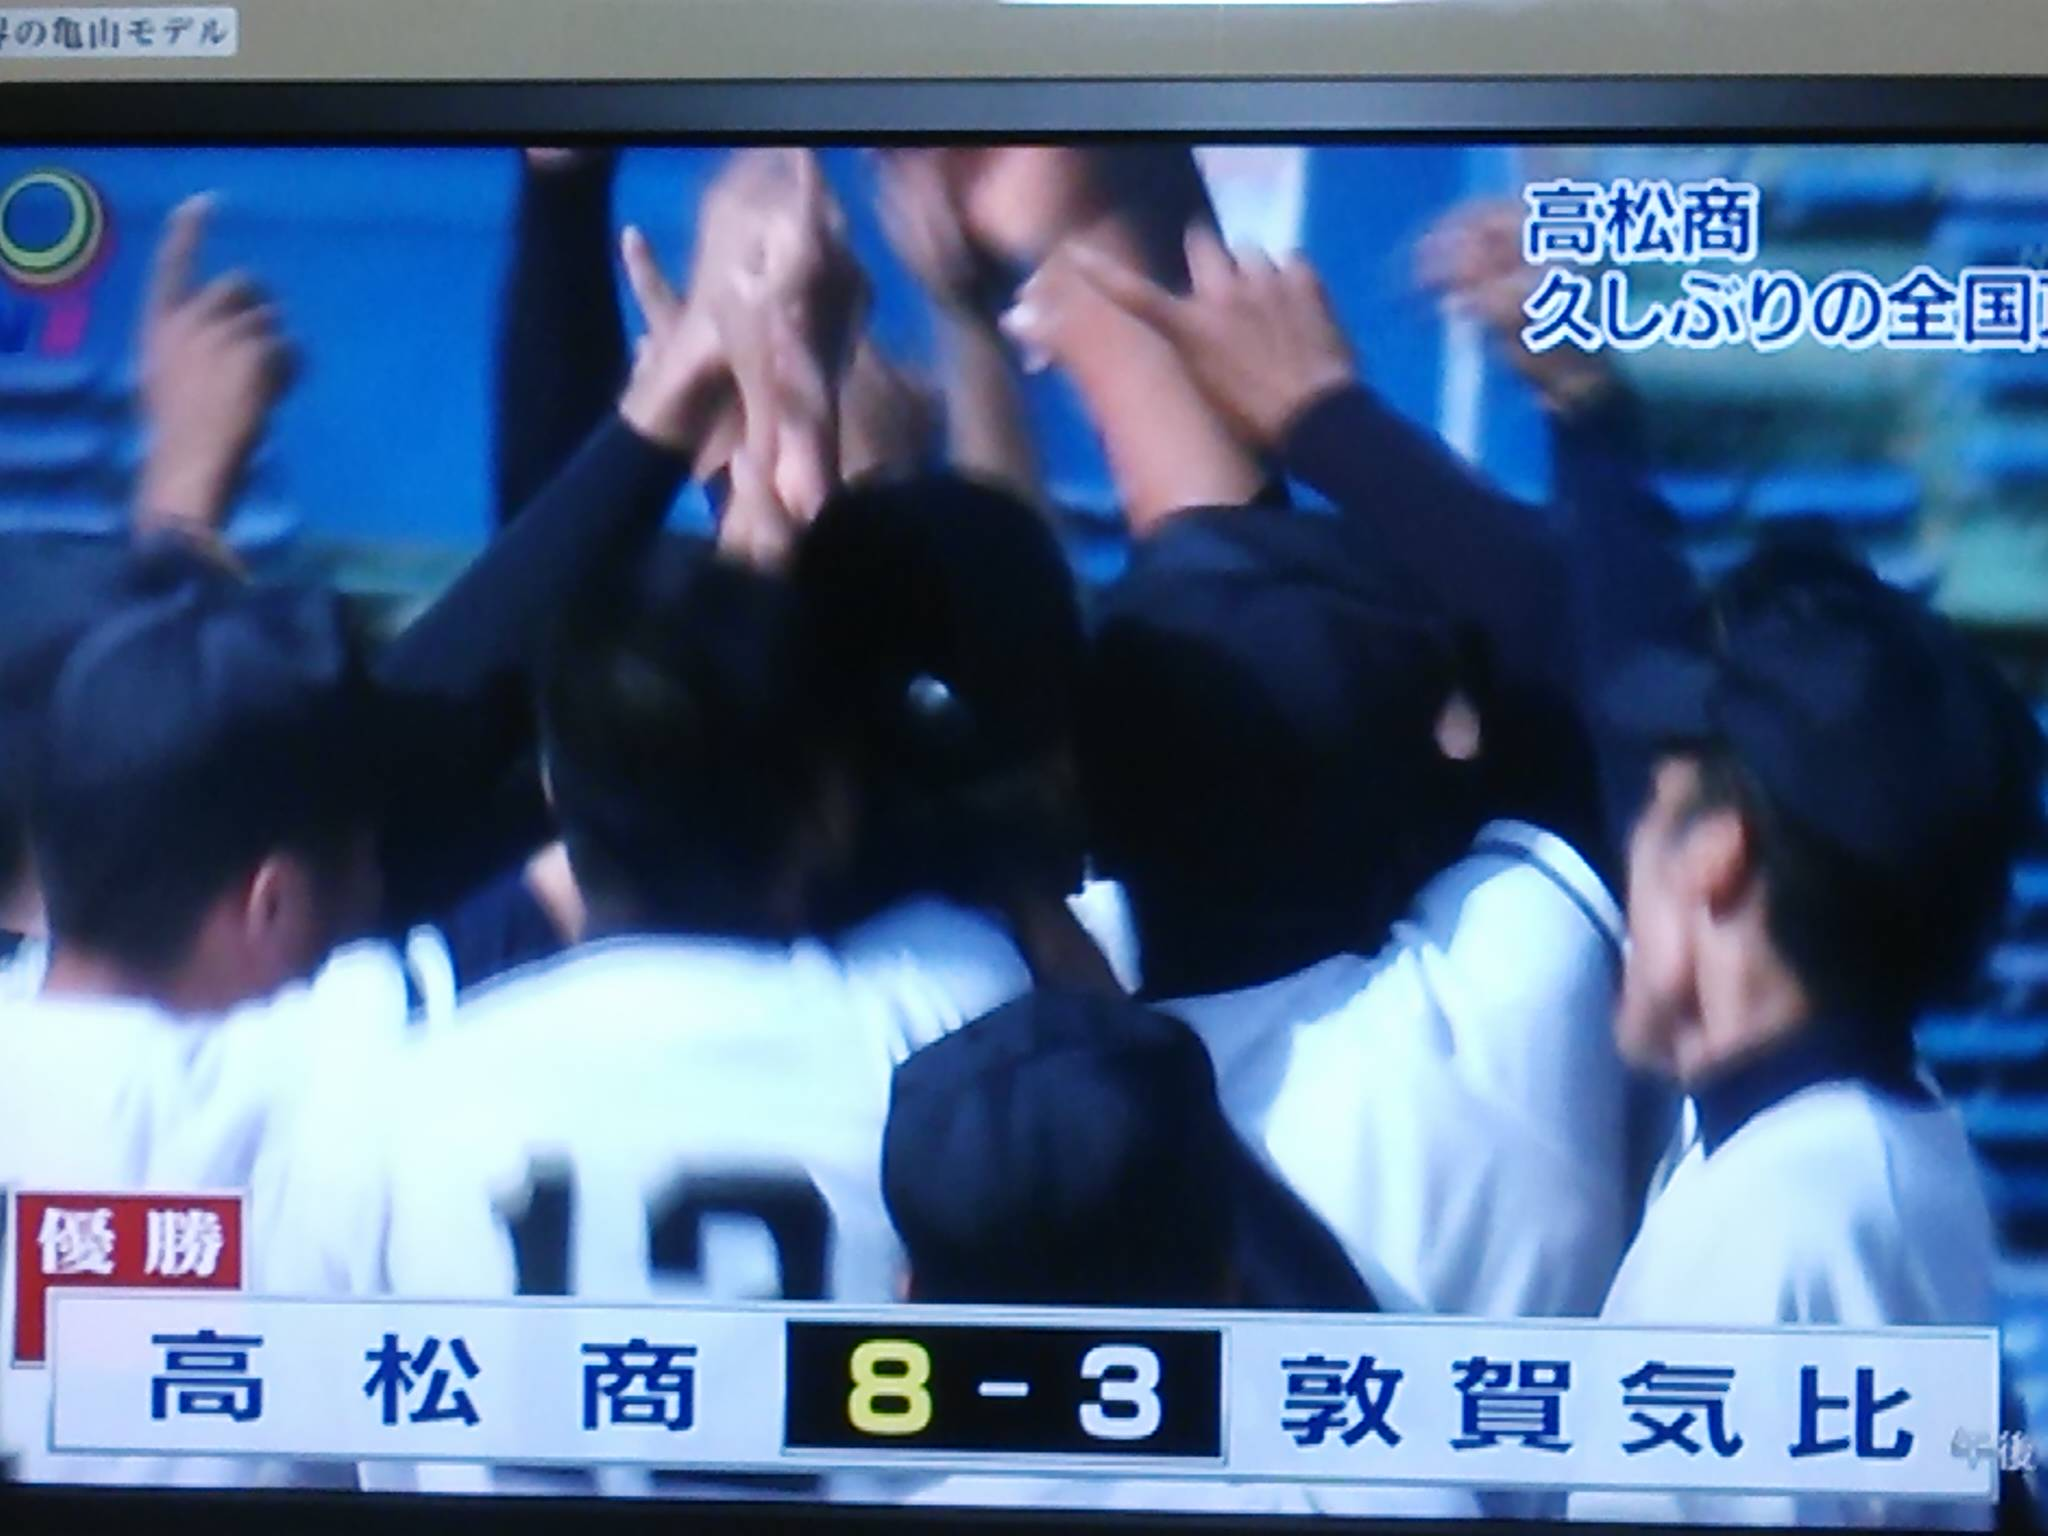 敦賀気比高 出身の現役選手 - プロ野球|dメニュー …